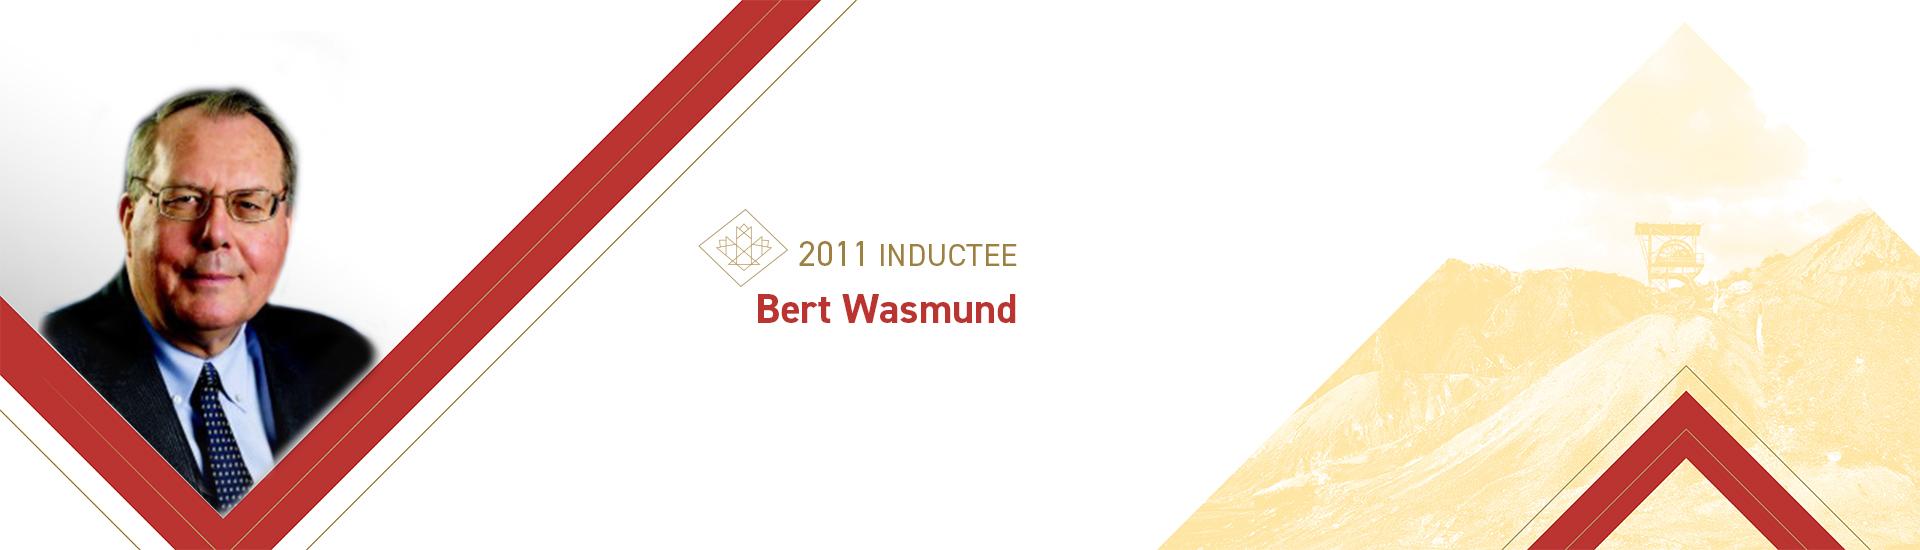 Bert Wasmund (b. 1939)